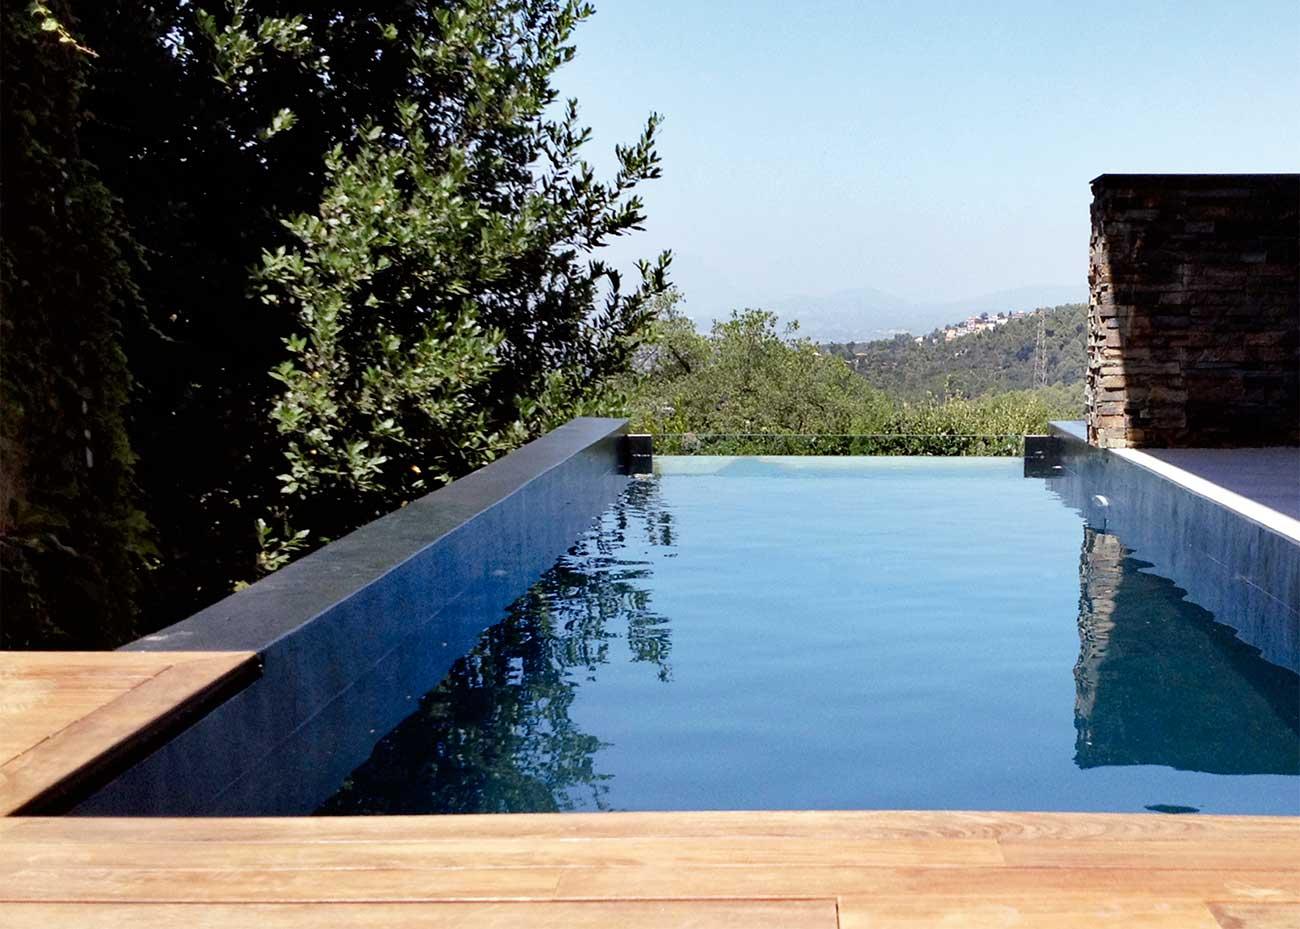 Piscina donde se utilizan productos para el mantenimiento de piscinas